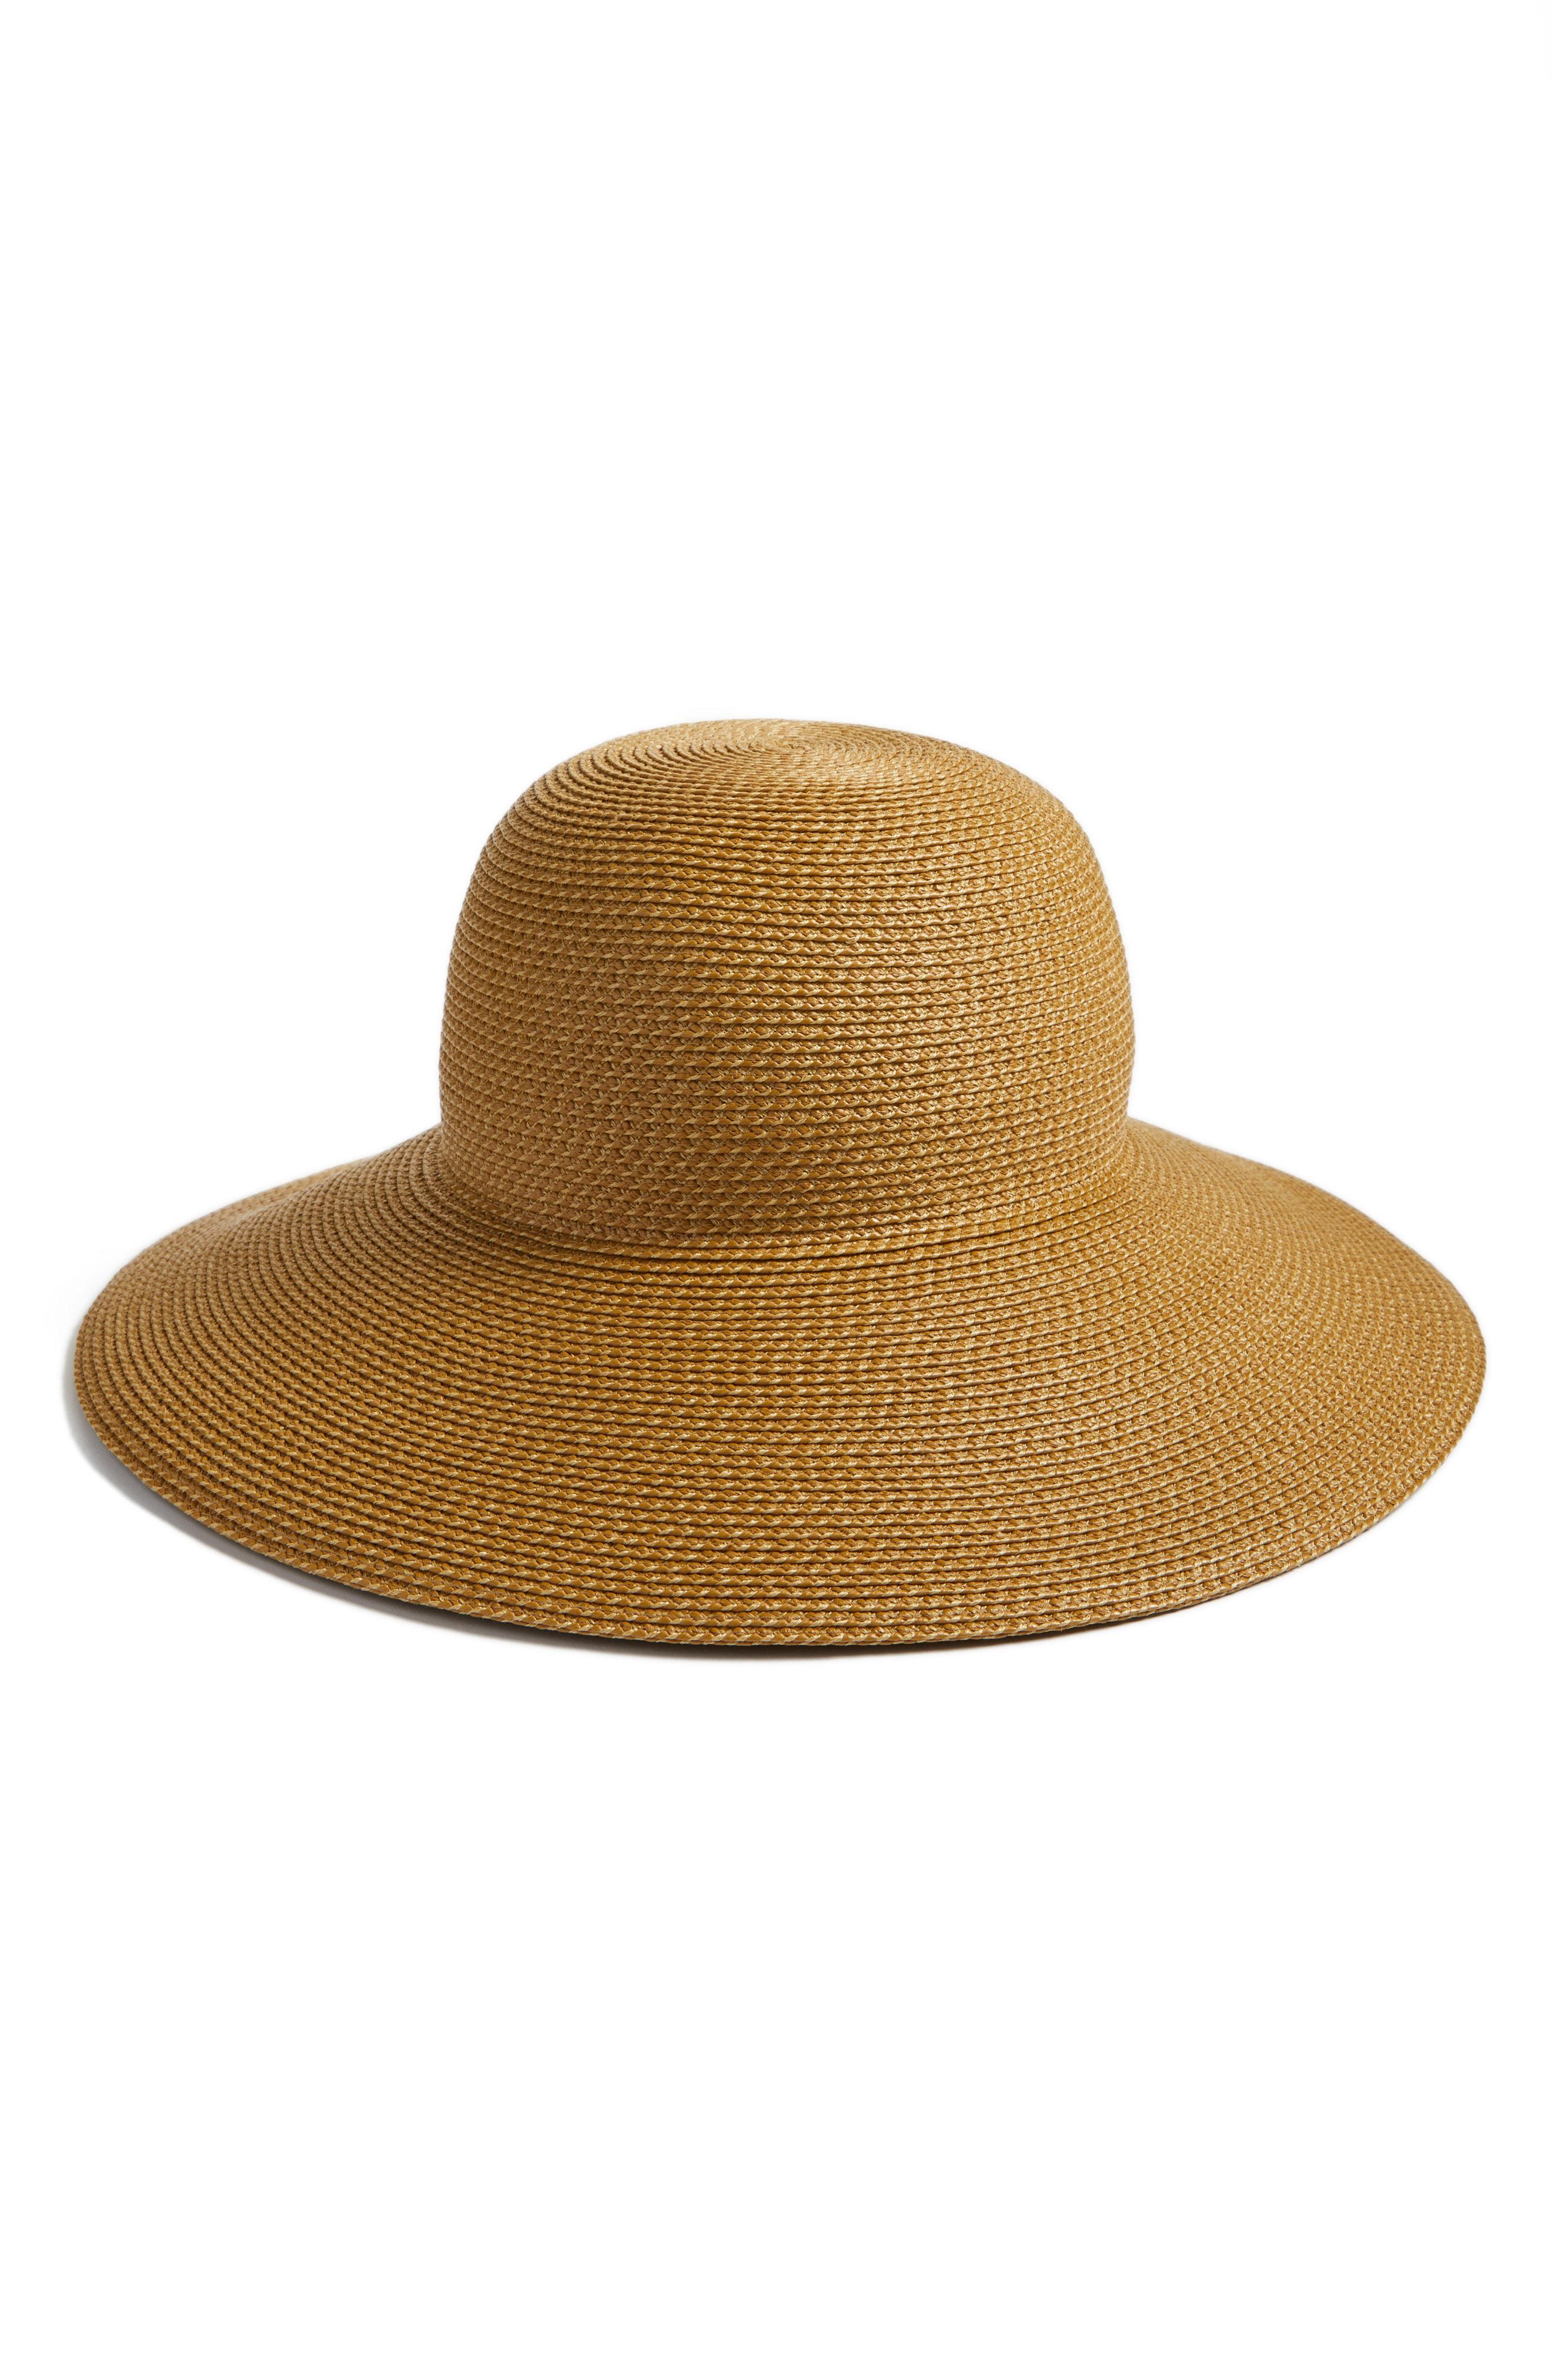 ee767d7d8488b Eric Javits  Hampton  Straw Sun Hat In Natural